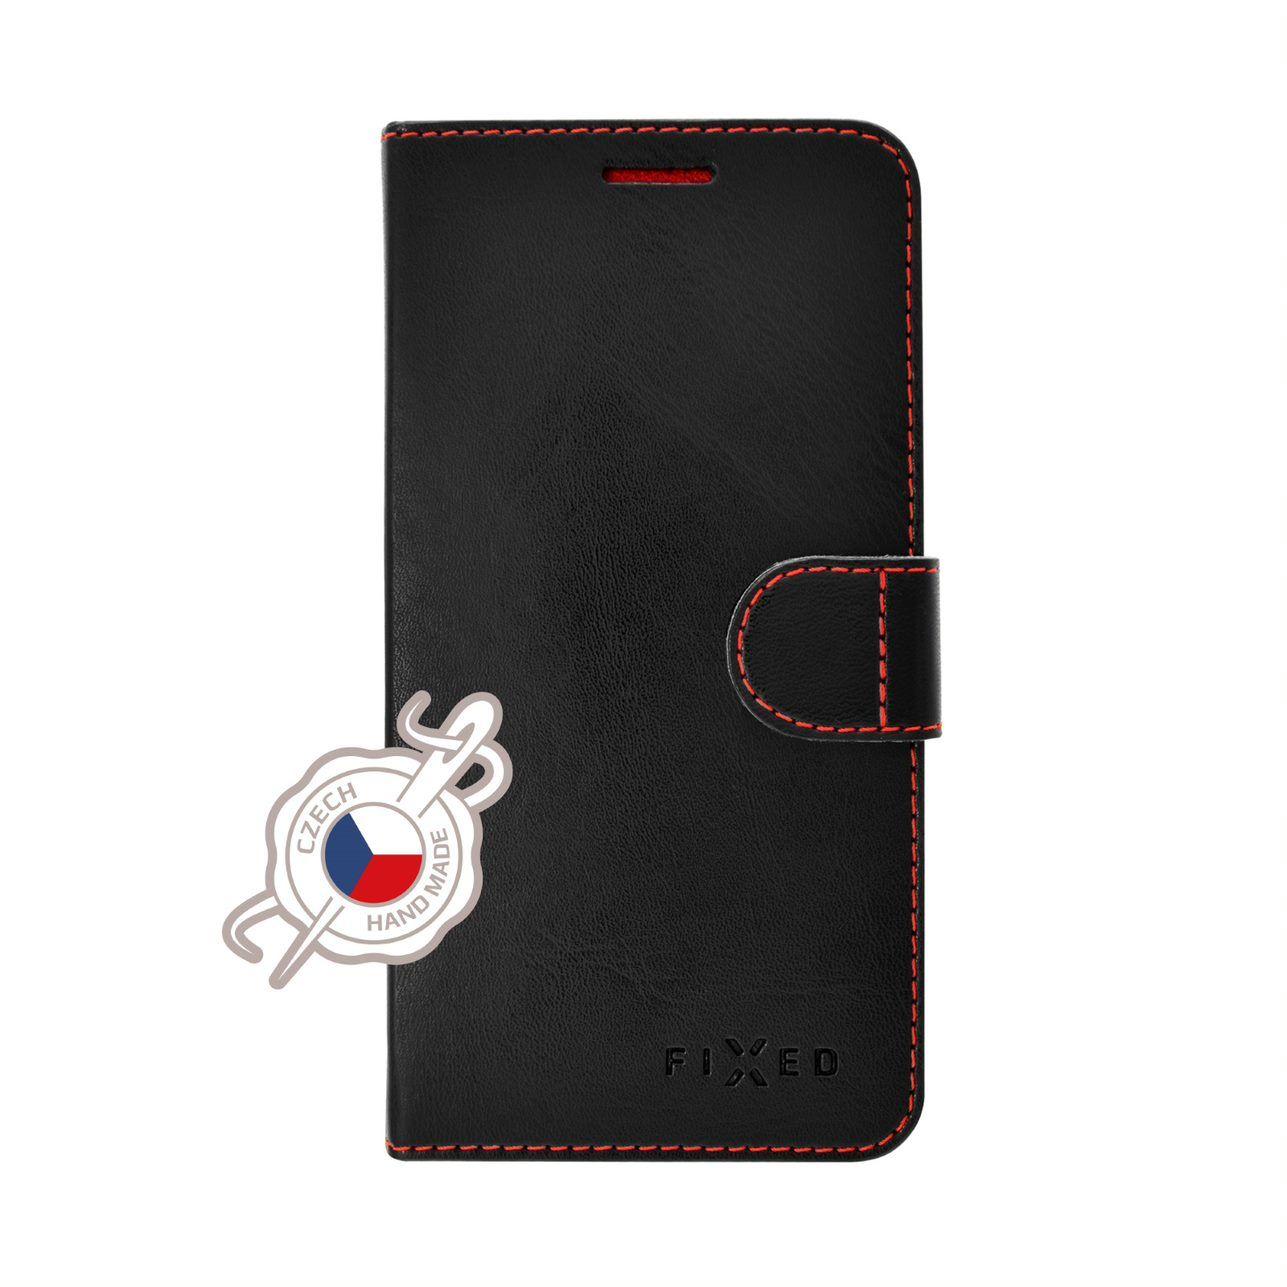 FIXED FIT flipové pouzdro Xiaomi Redmi 9A black